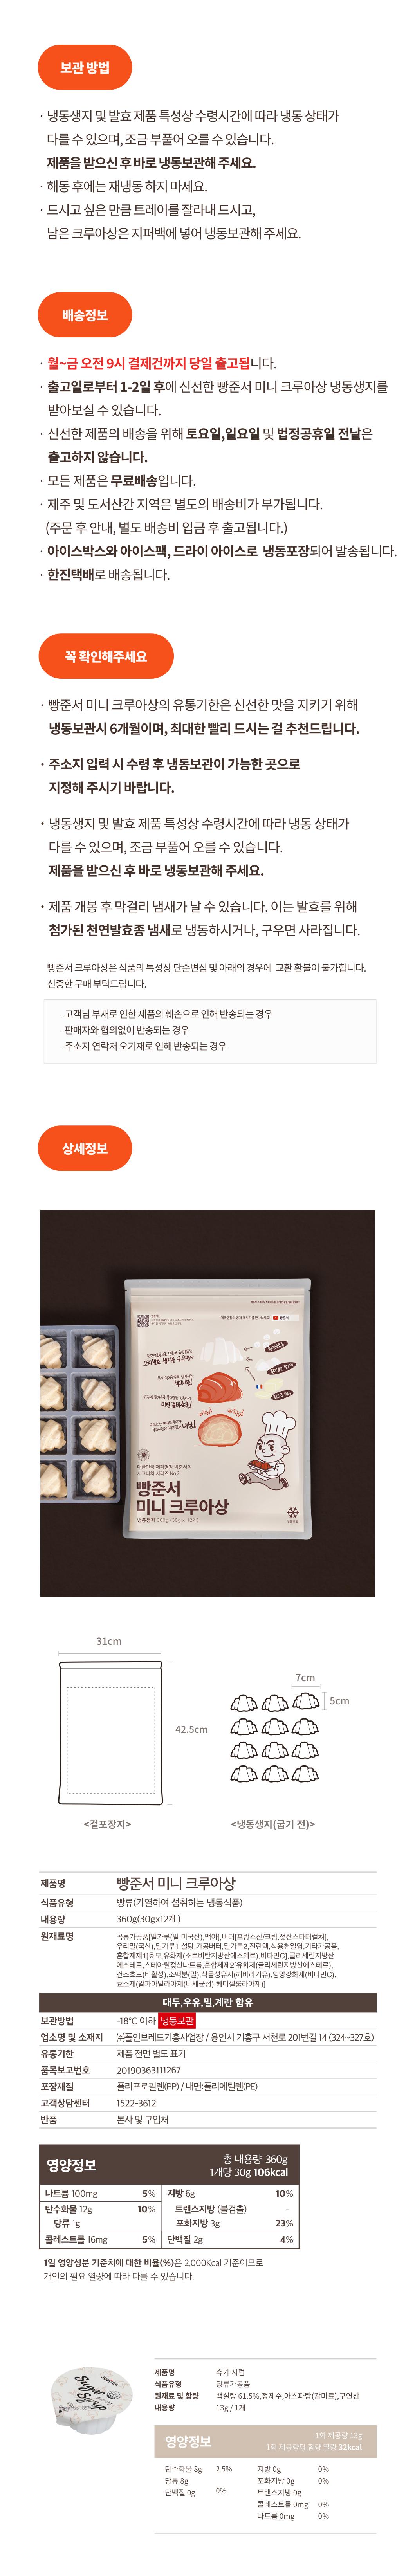 빵준서크루아상_마지막이미지.jpg